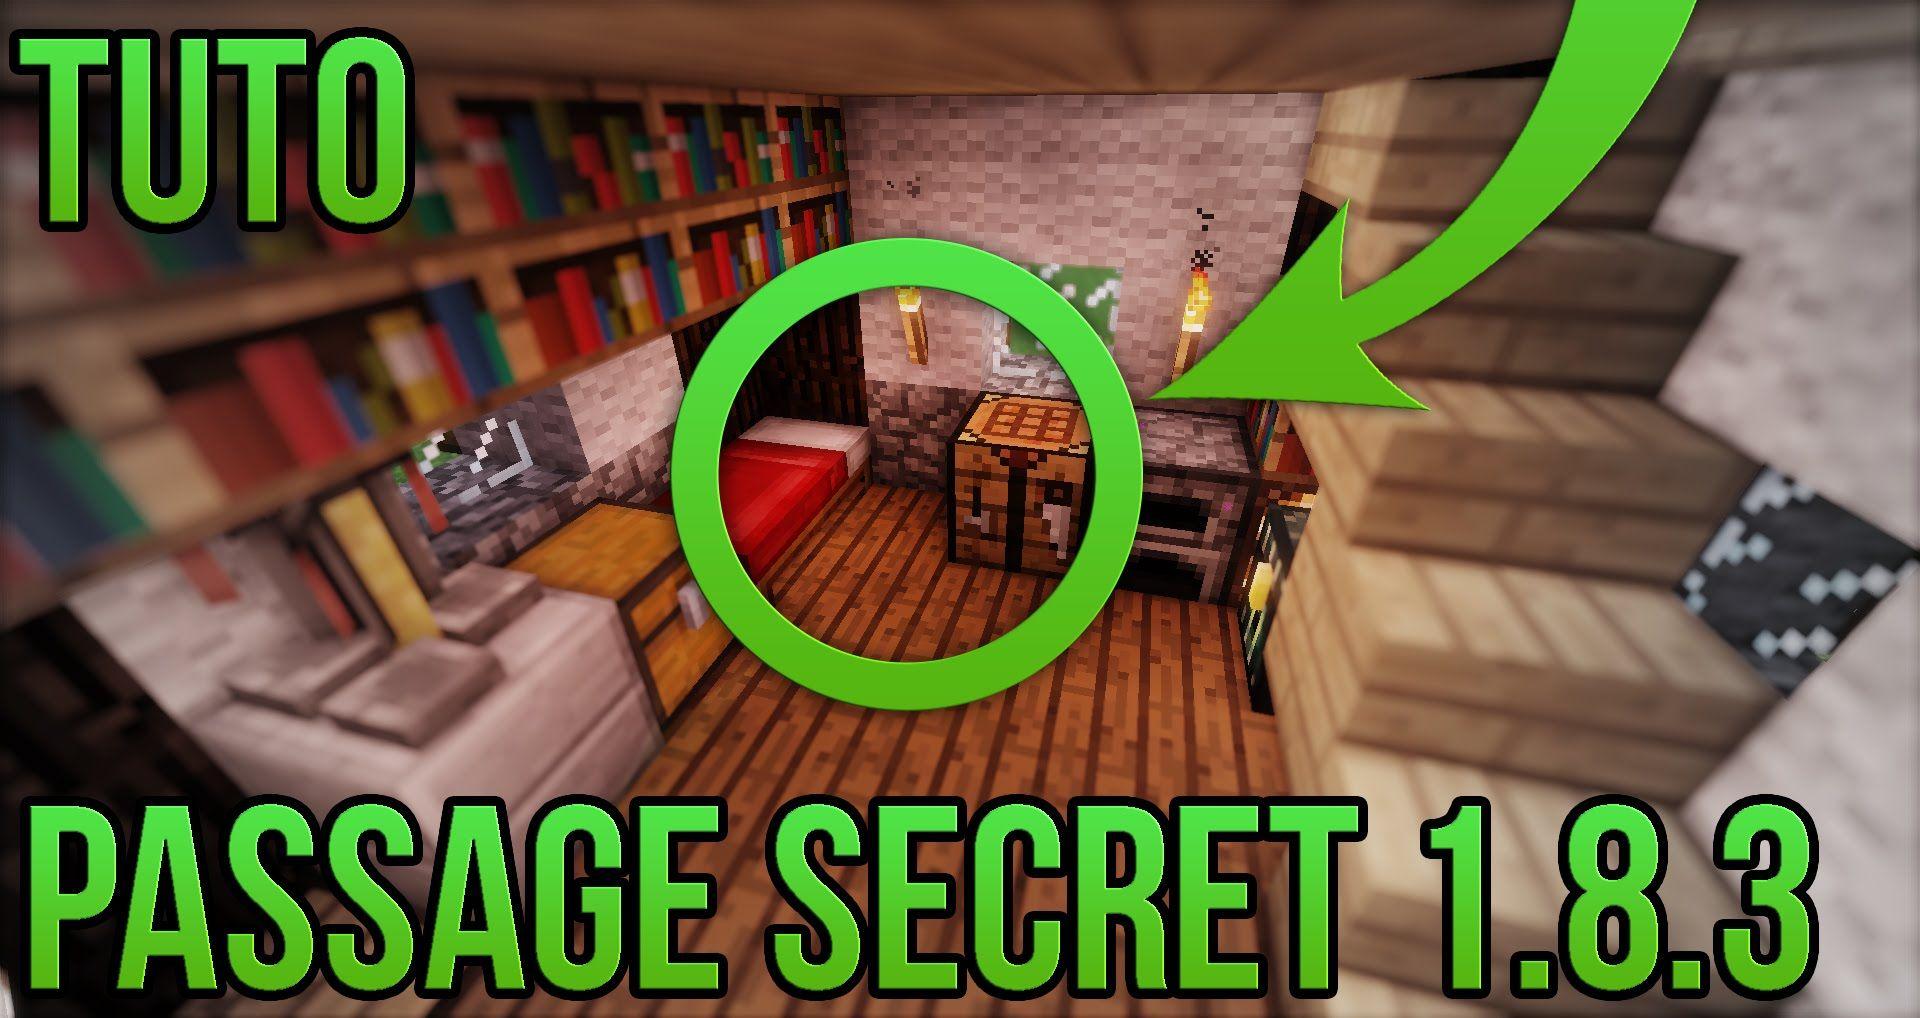 Comment Créer Un Passage Secret passage secret 1.8.3 facile! | minecraft | passage secret